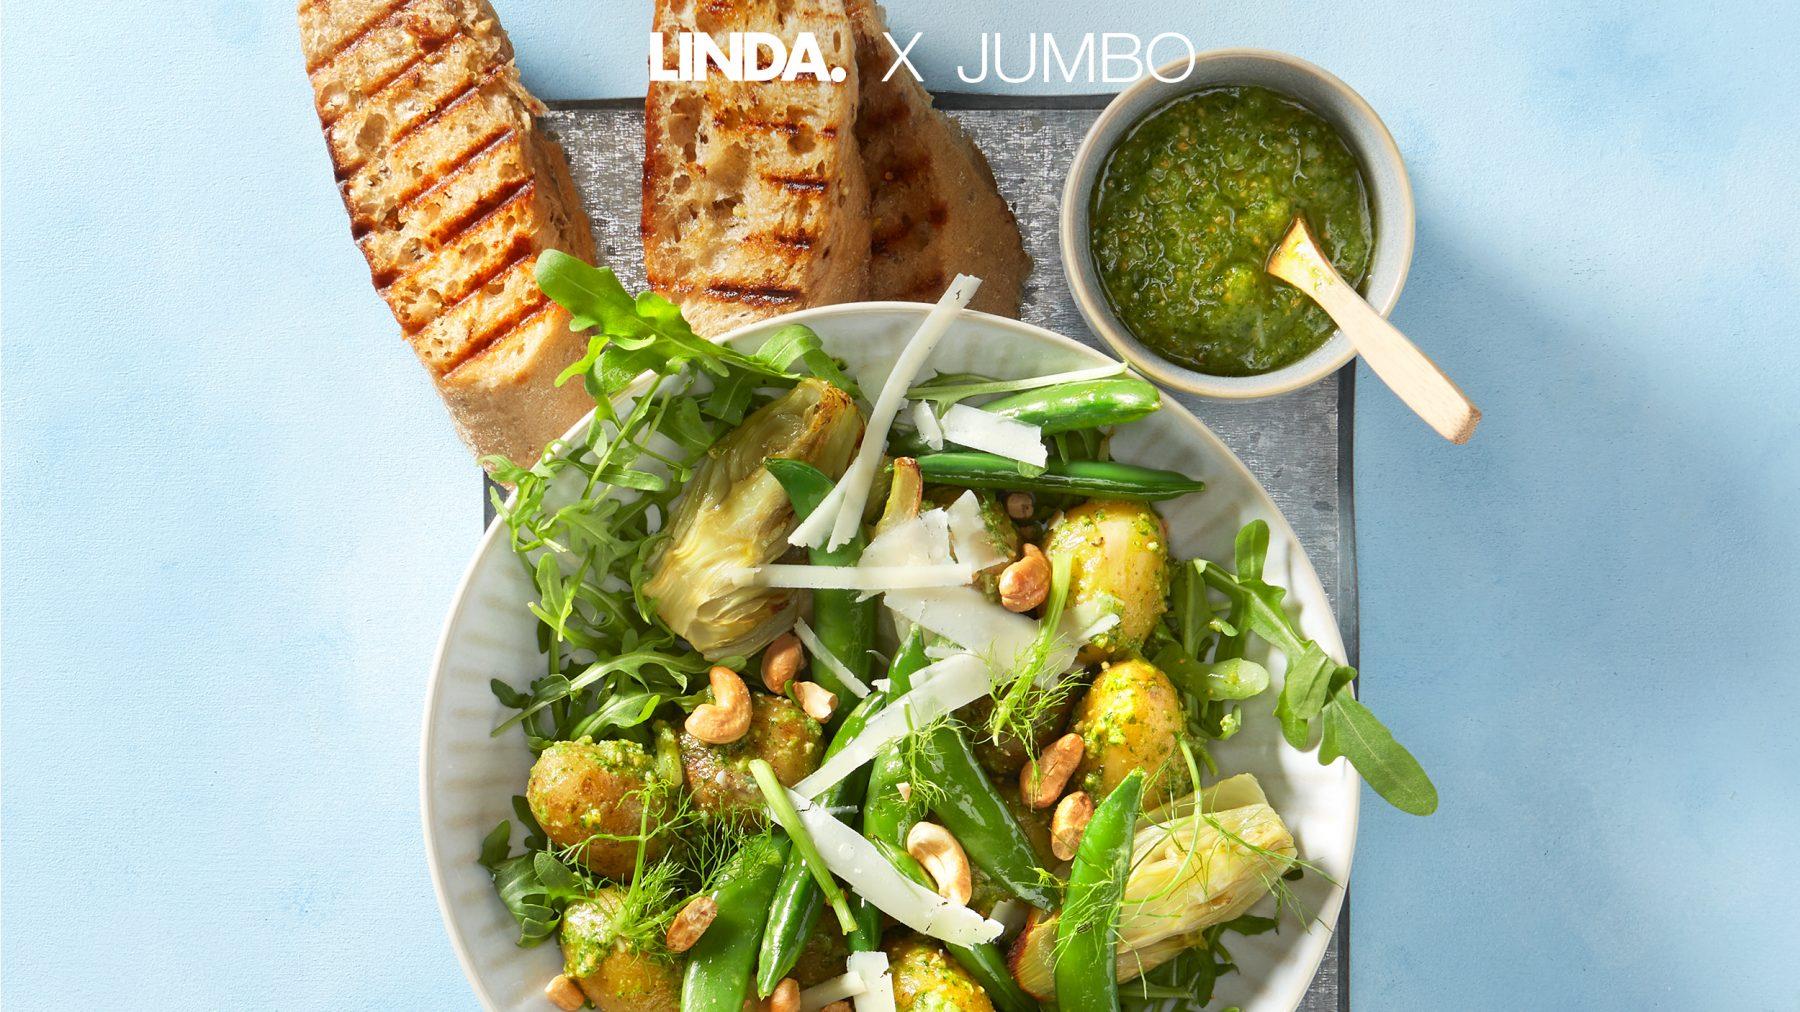 Lekker veel groen(te) op je bord met deze rijkgevulde maaltijdsalade